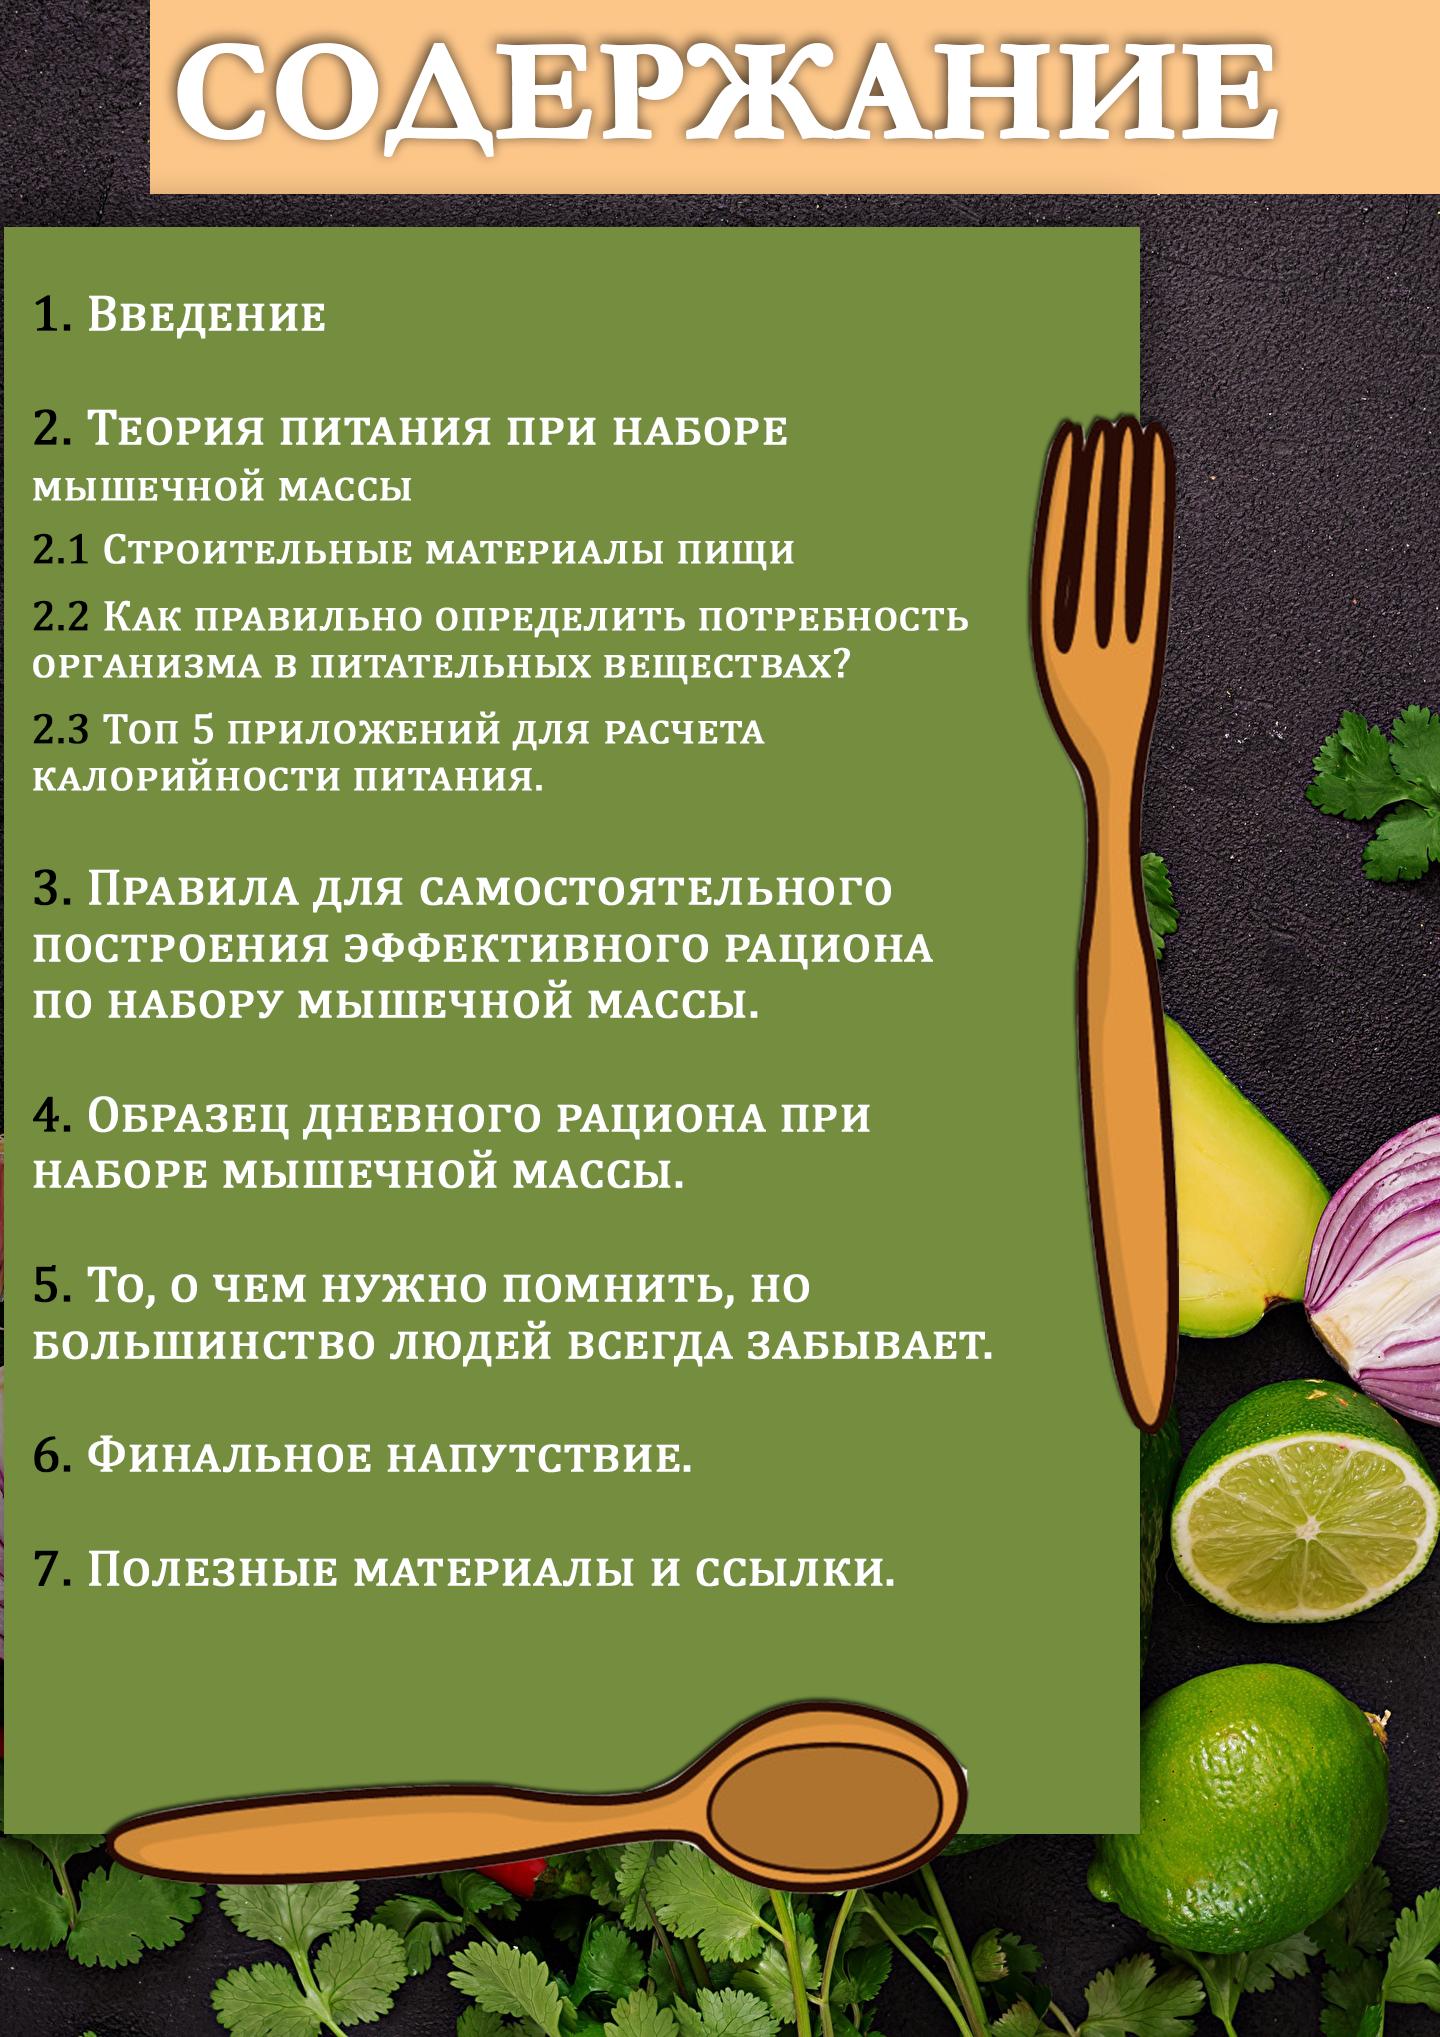 Проверенная схема питания для набора мышечной массы